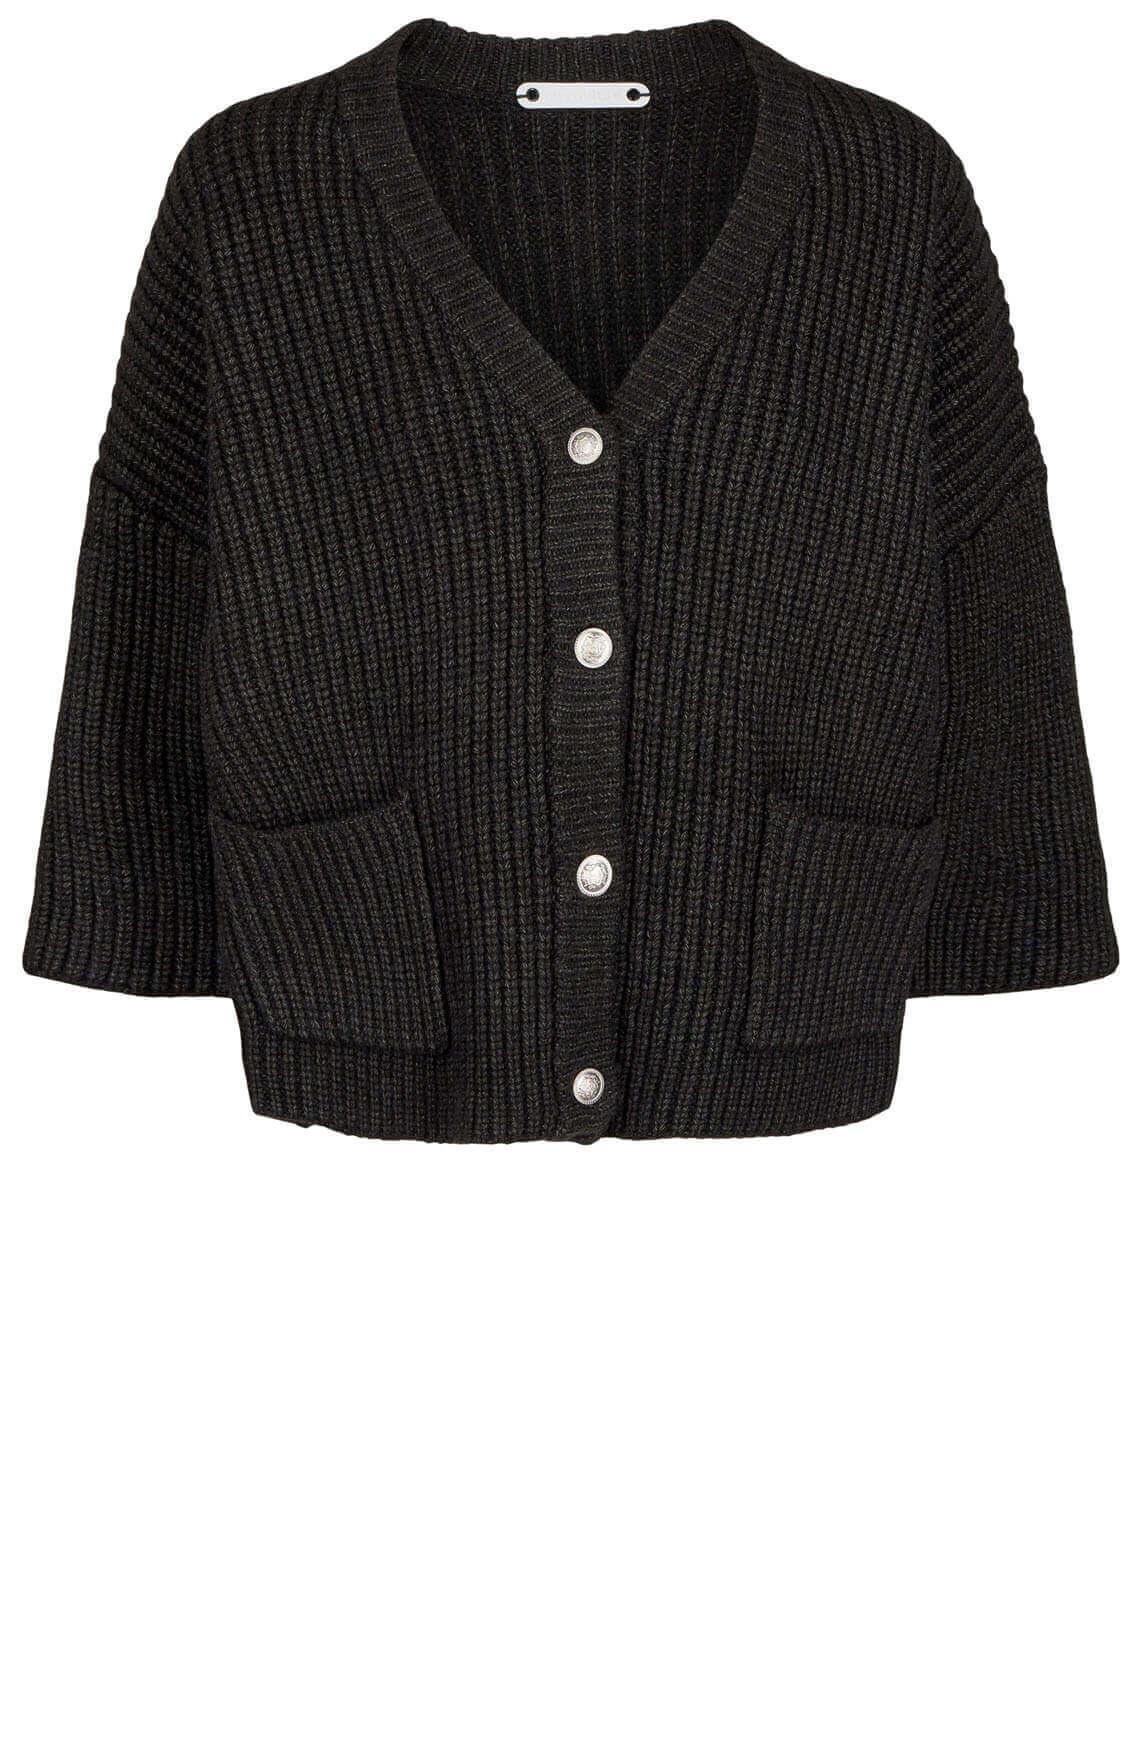 Co Couture Dames Row gebreid vest zwart